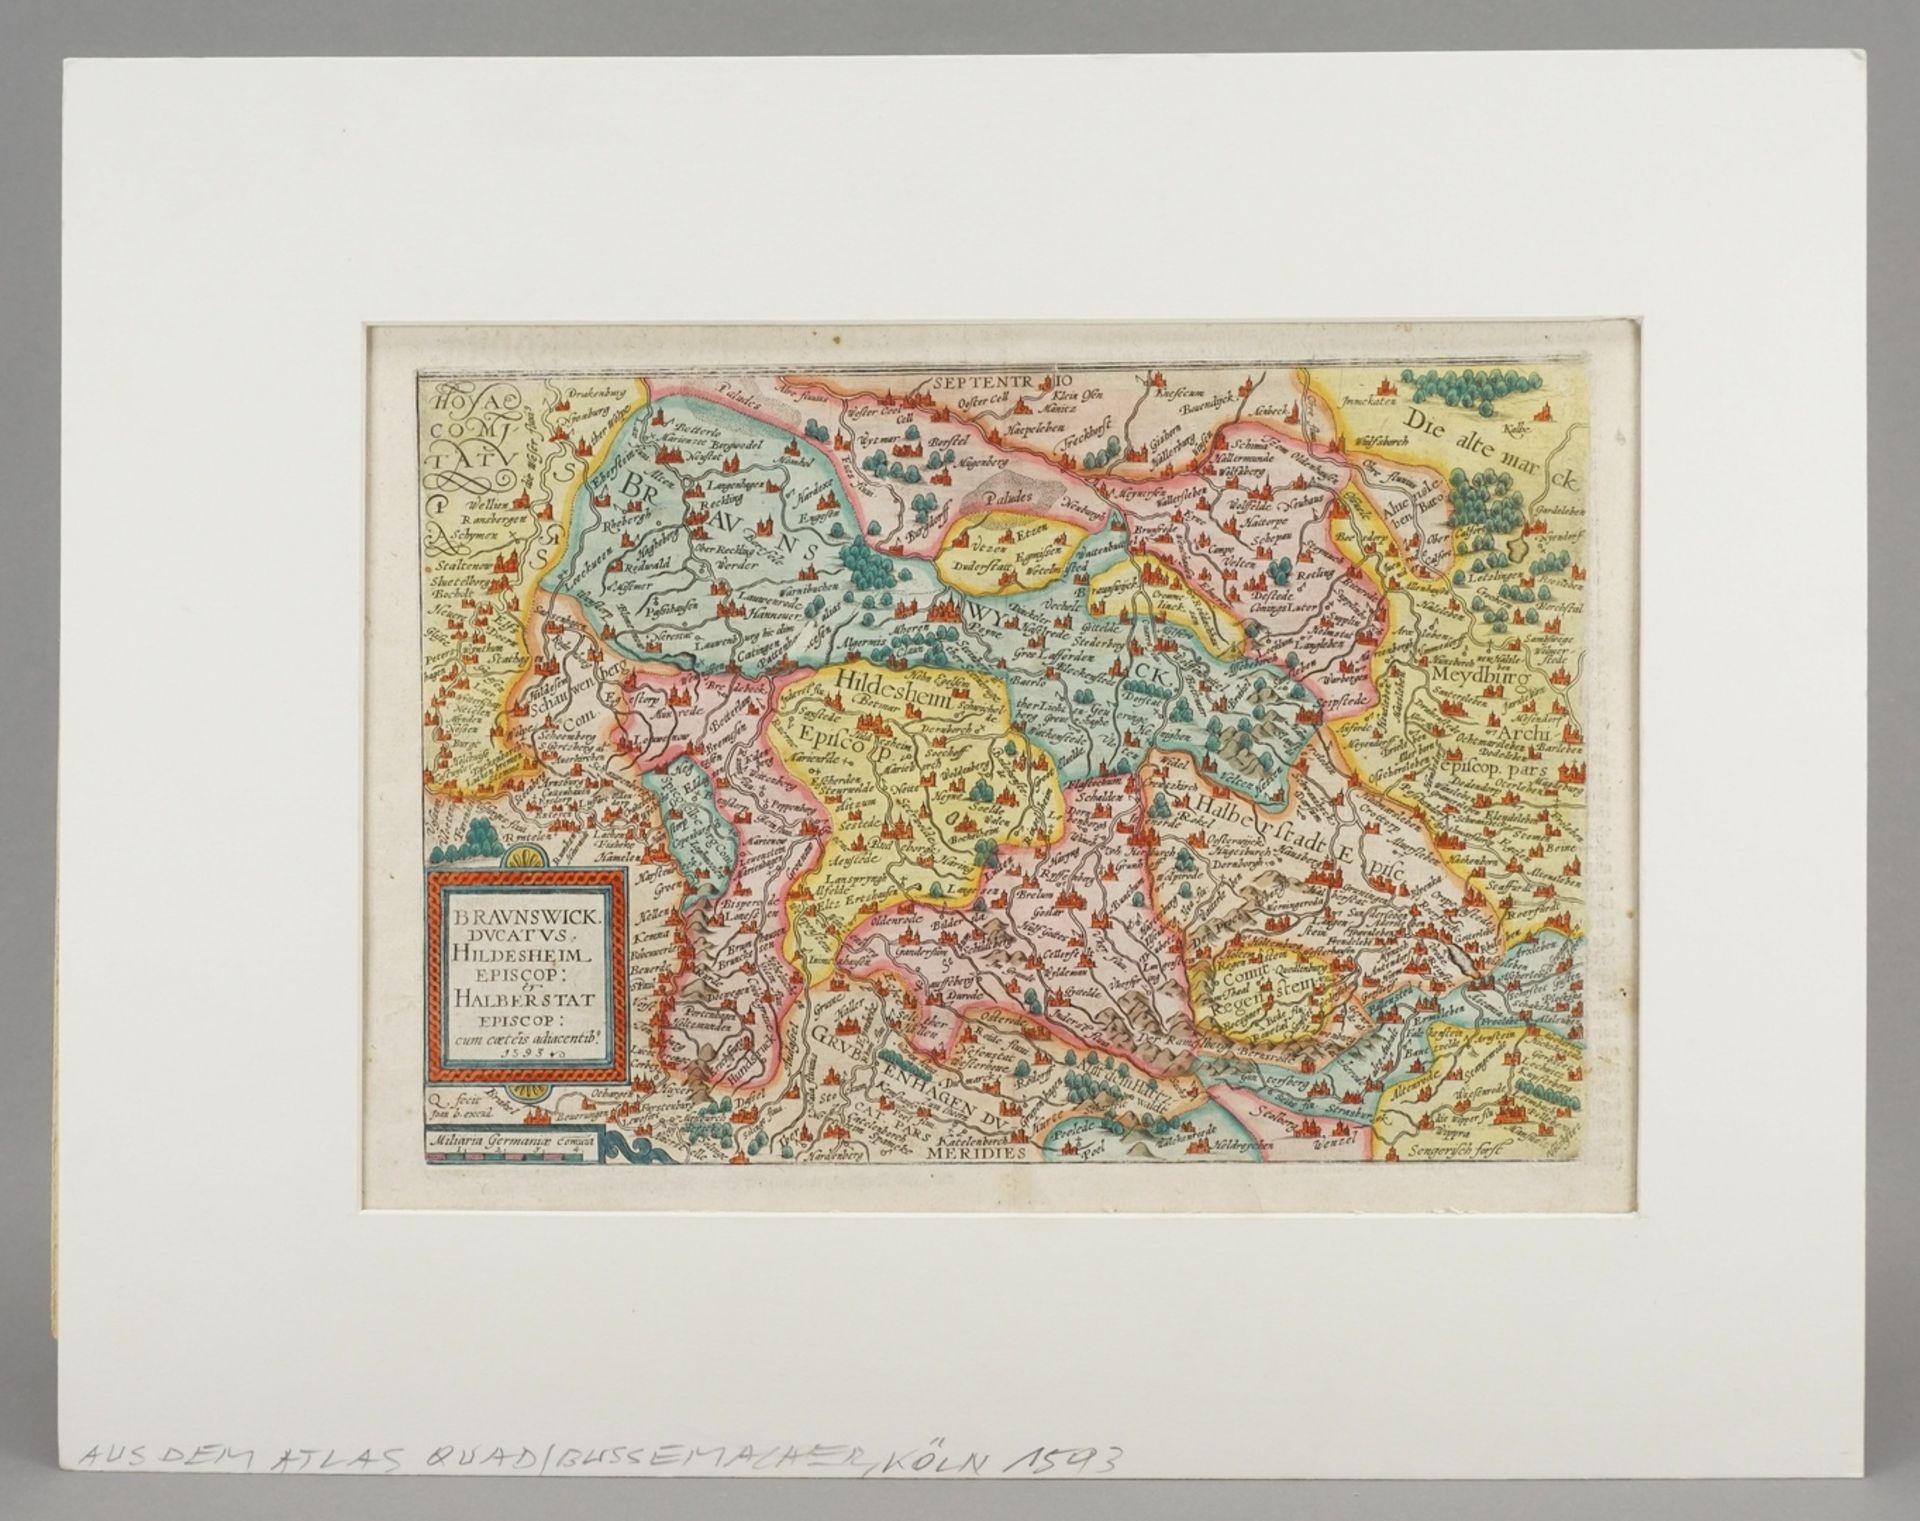 """Mat(t)hias Quad, """"Braunswick Ducatus. Hildeheim Episop: & Halberstat Episcop:"""" (Landkarte des ... - Bild 2 aus 4"""